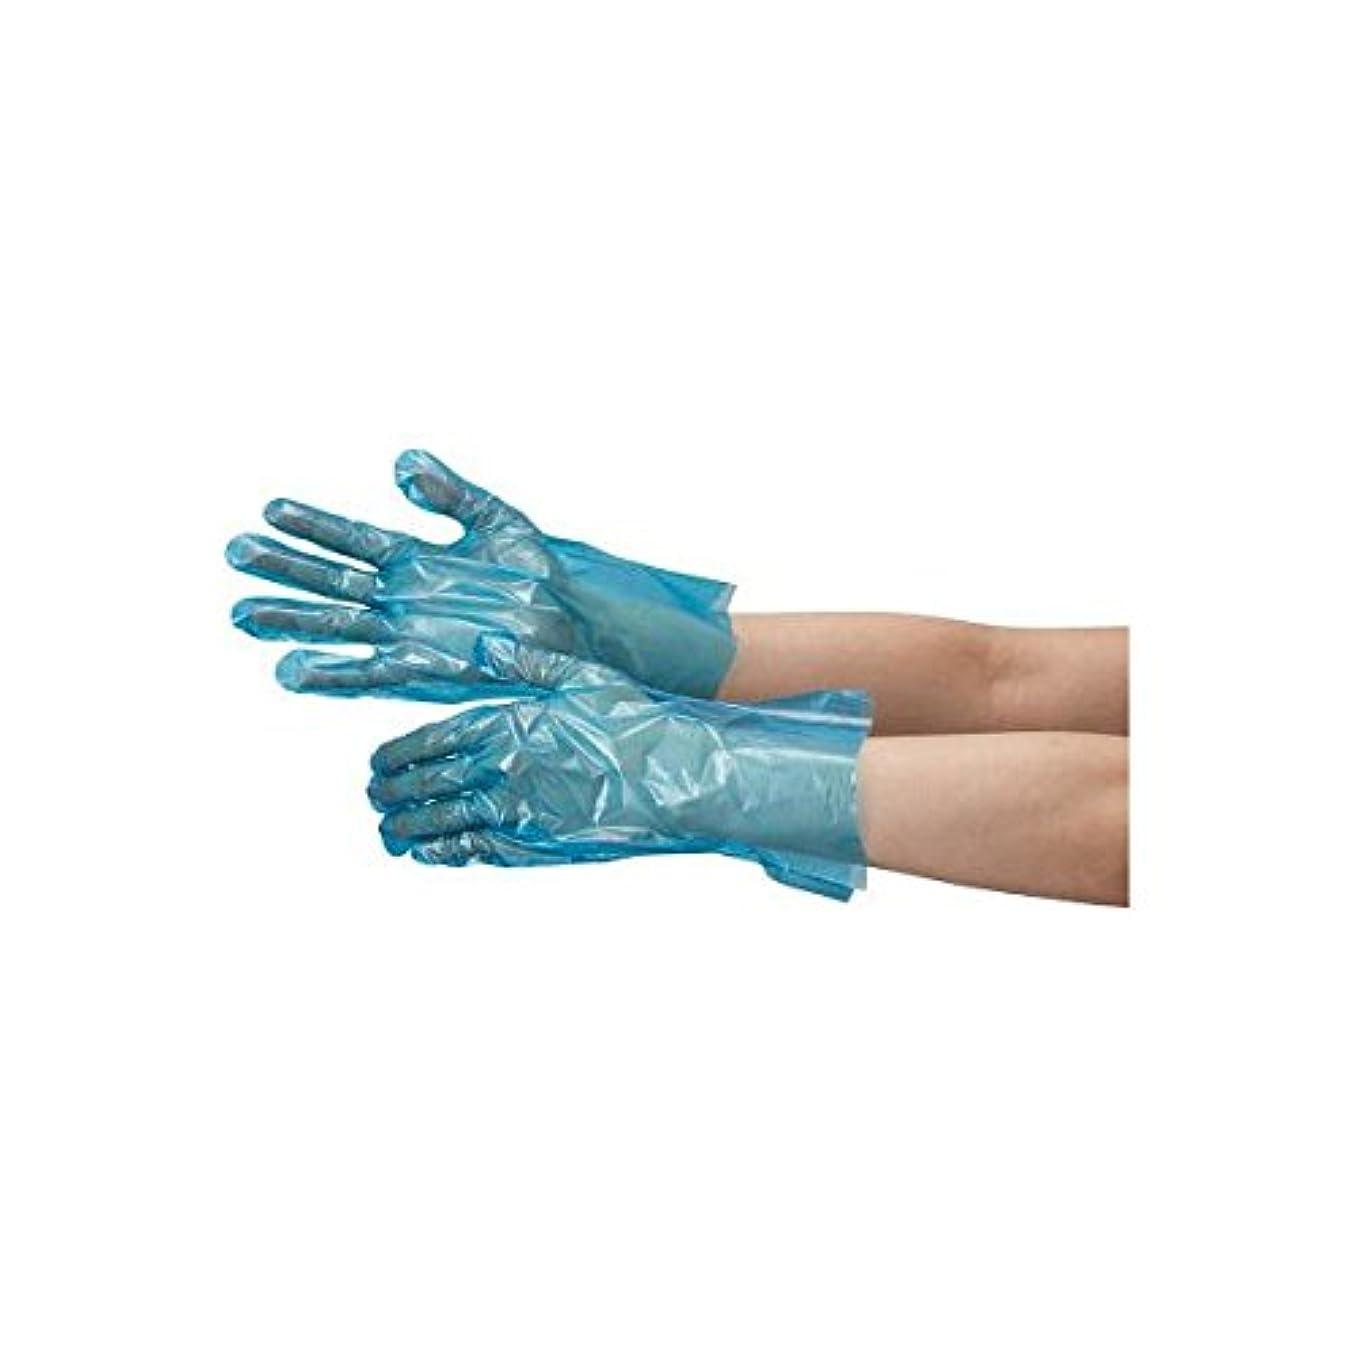 膜リボン制裁ミドリ安全/ミドリ安全 ポリエチレン使い捨て手袋 片エンボス 200枚入 青 S(3888878) VERTE-504-S [その他]